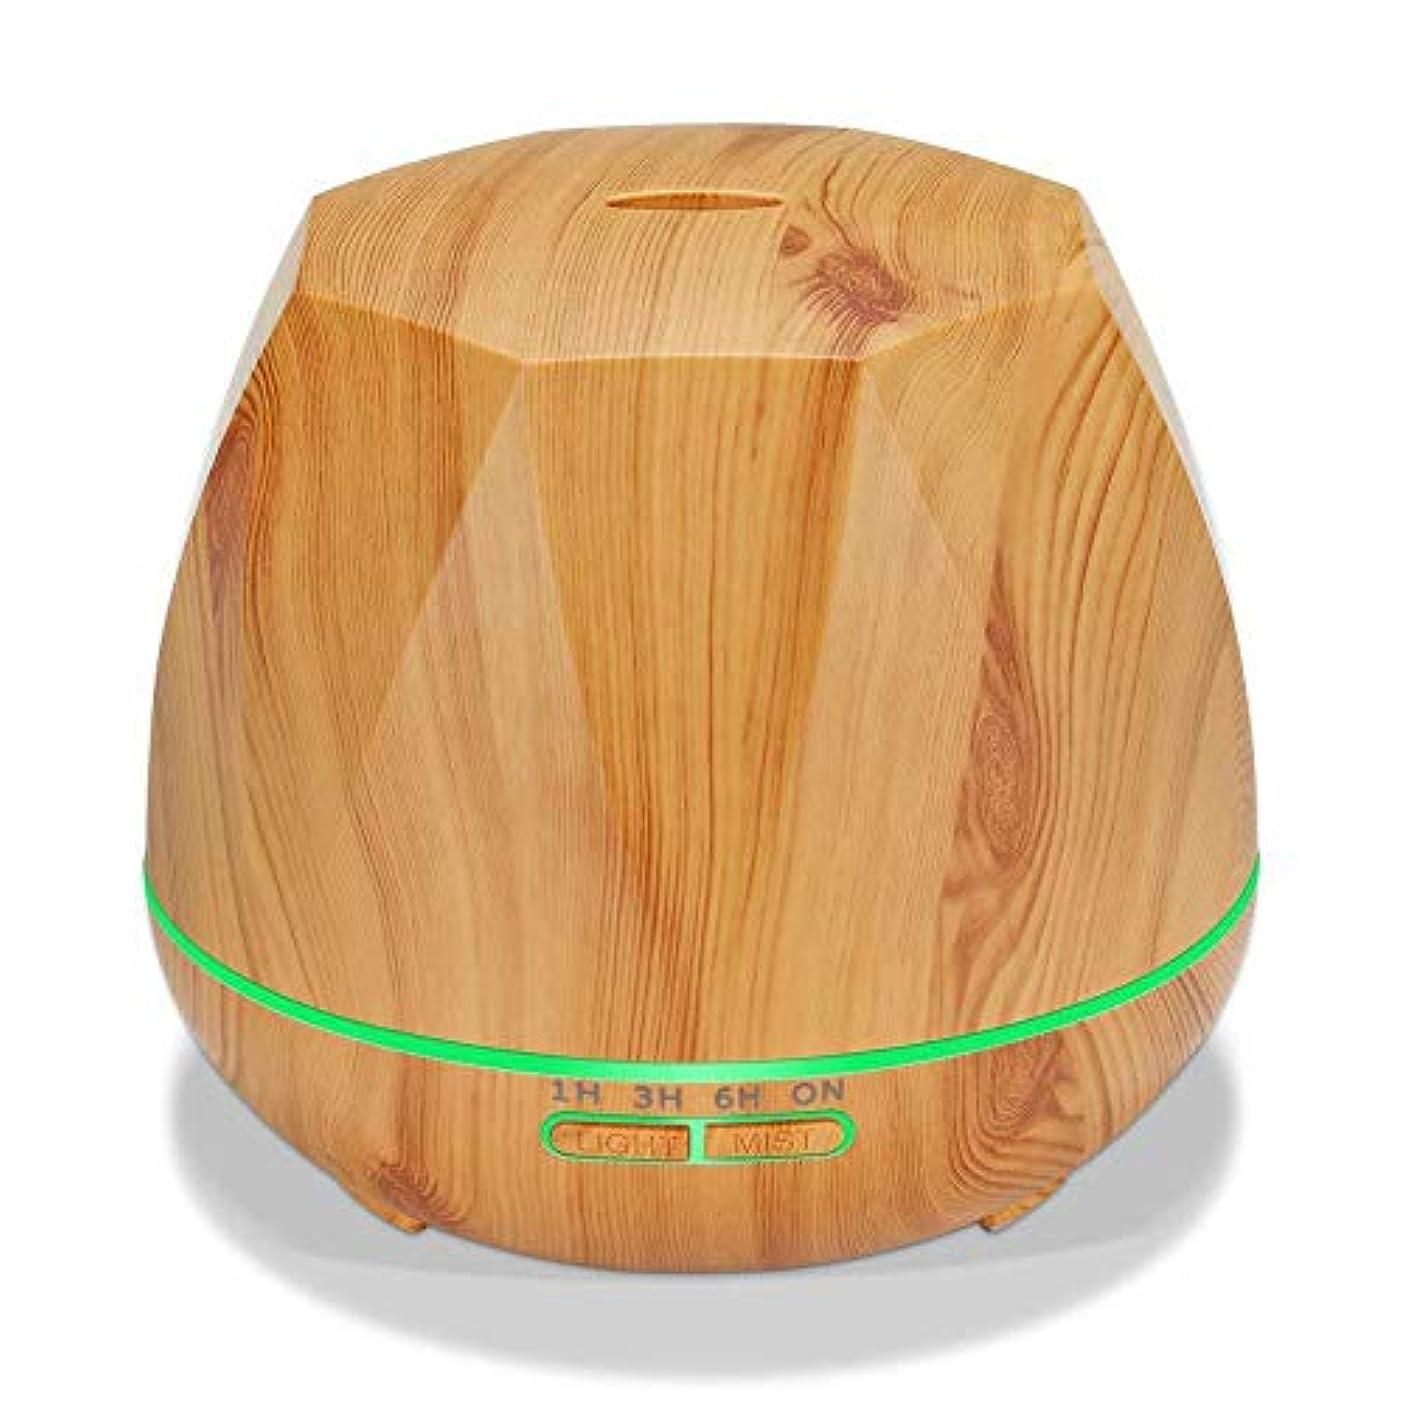 相対サイズ暗記する守る木目 涼しい霧 加湿器,7 色 空気を浄化 加湿機 時間 デスクトップ 精油 ディフューザー アロマネブライザー Yoga ベッド 寮- 300ml